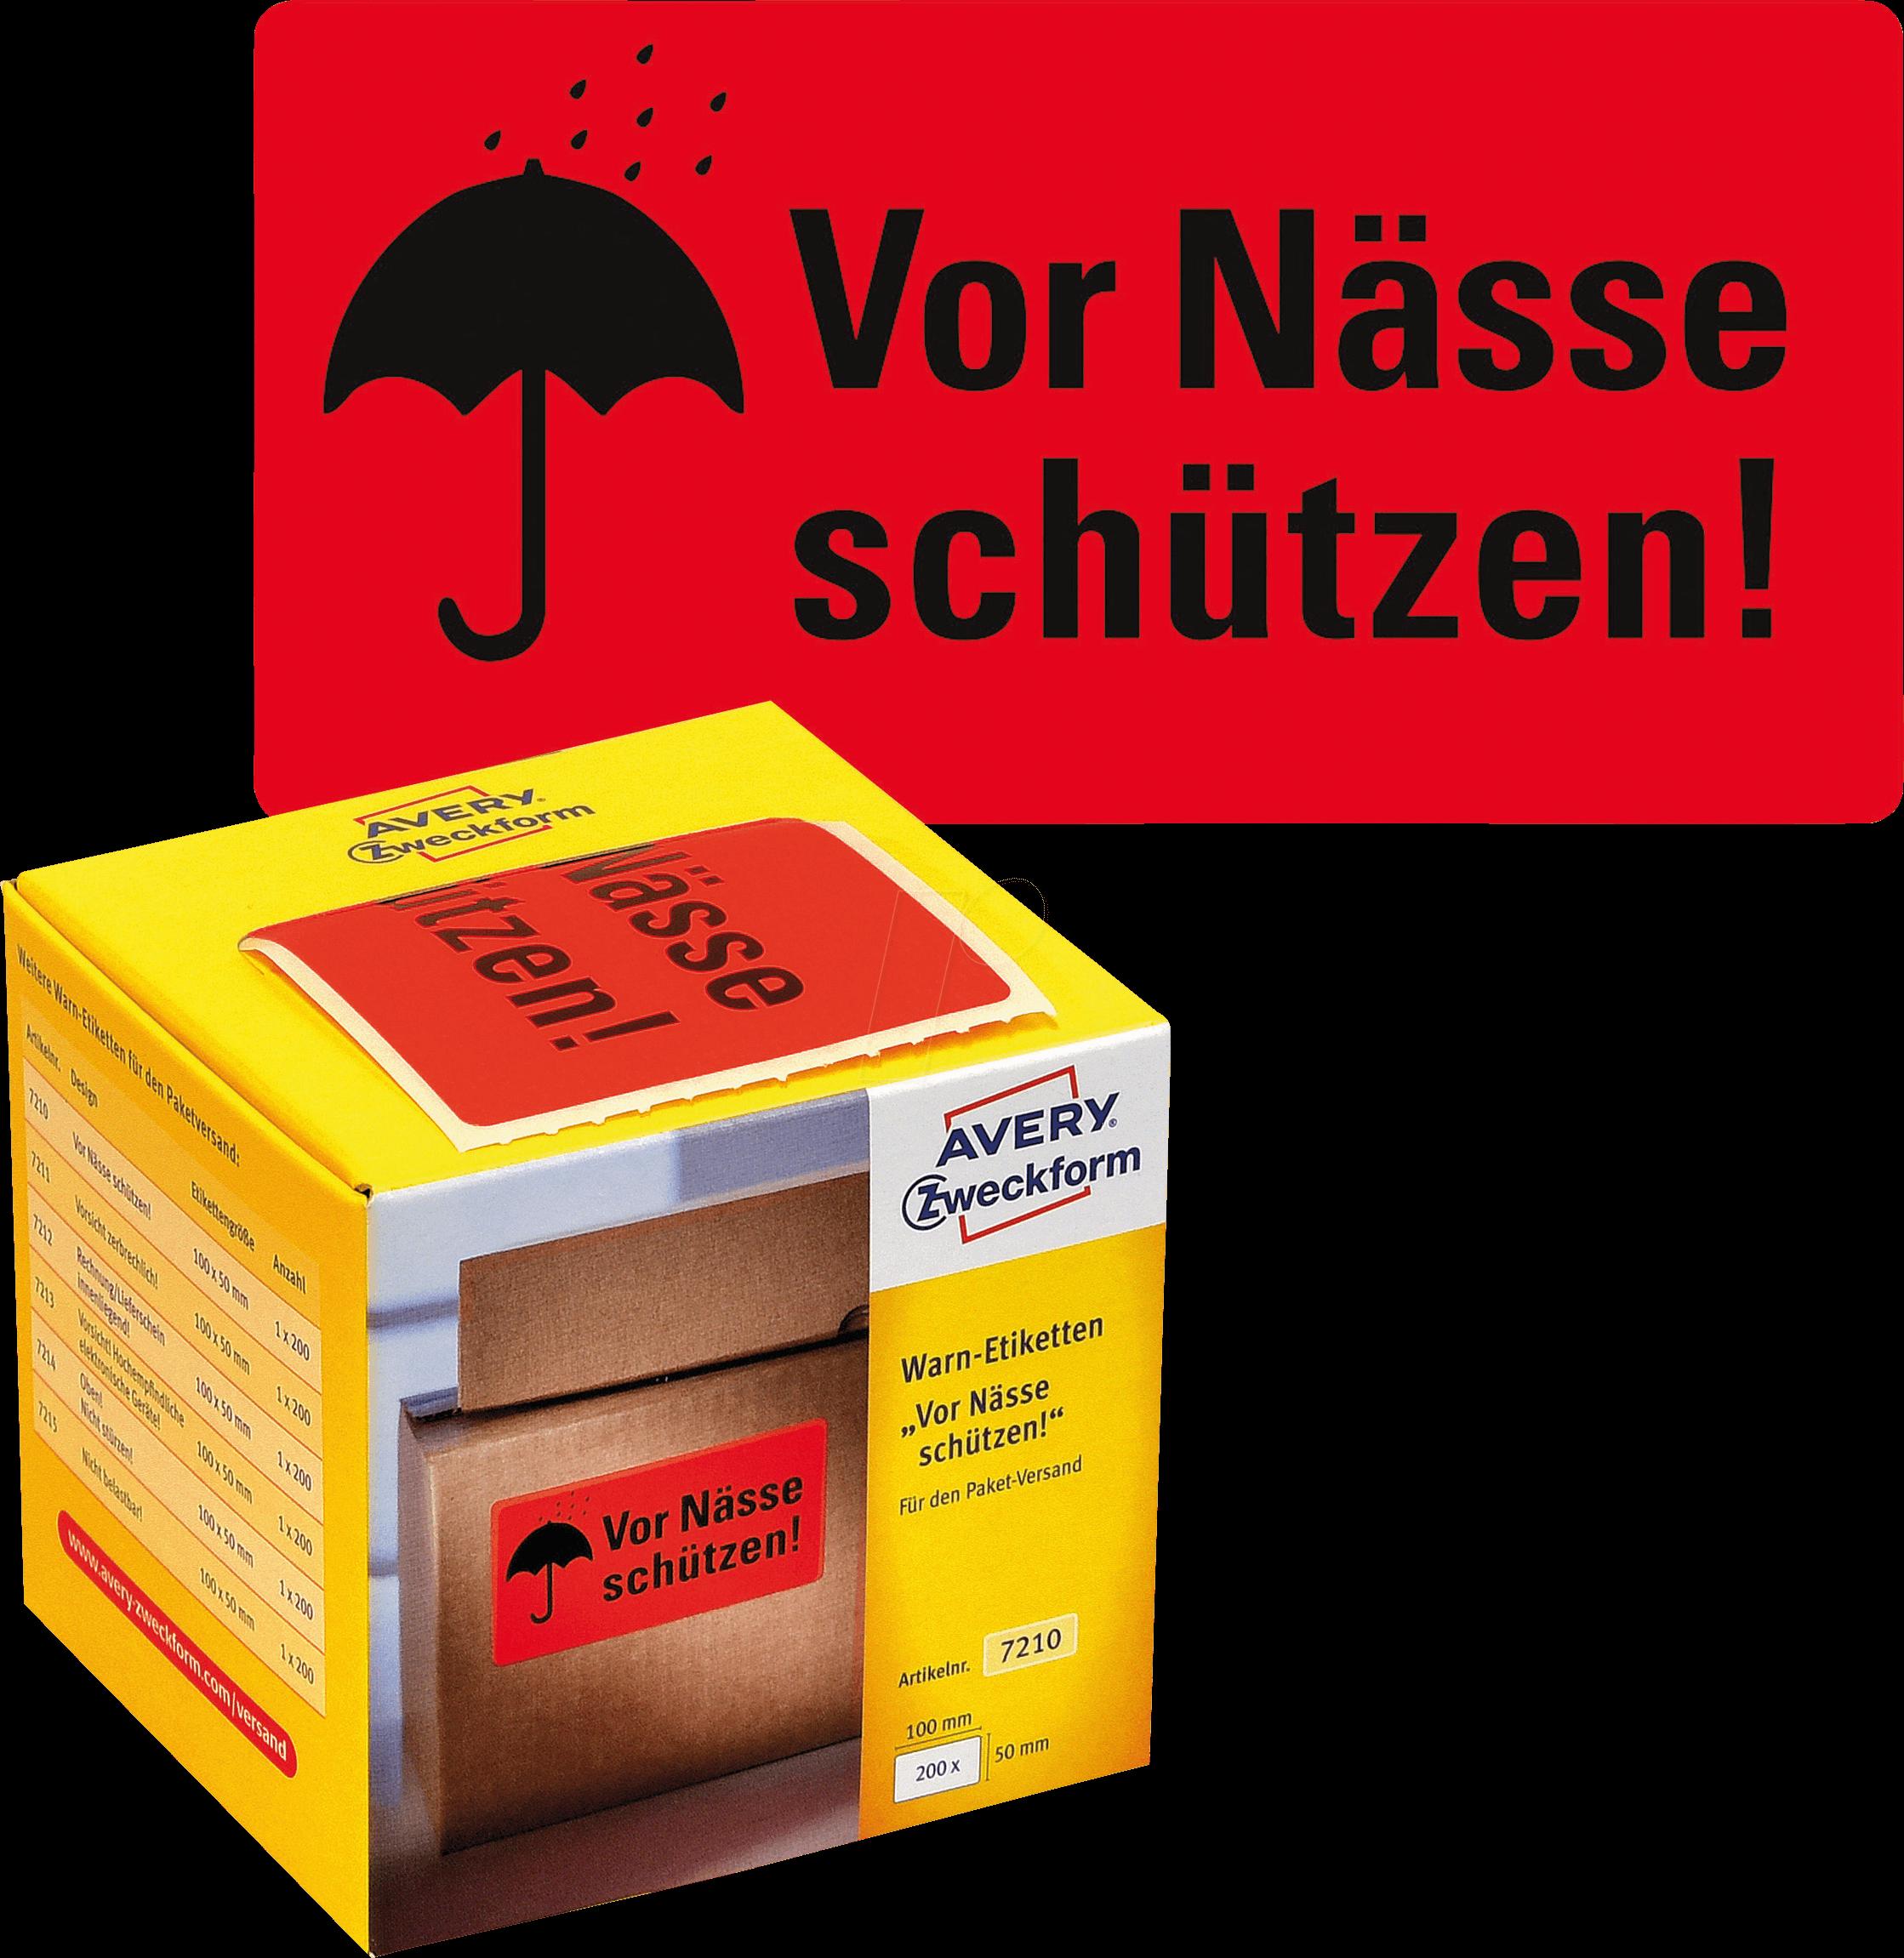 https://cdn-reichelt.de/bilder/web/xxl_ws/E460/AVZ_7210_02.png